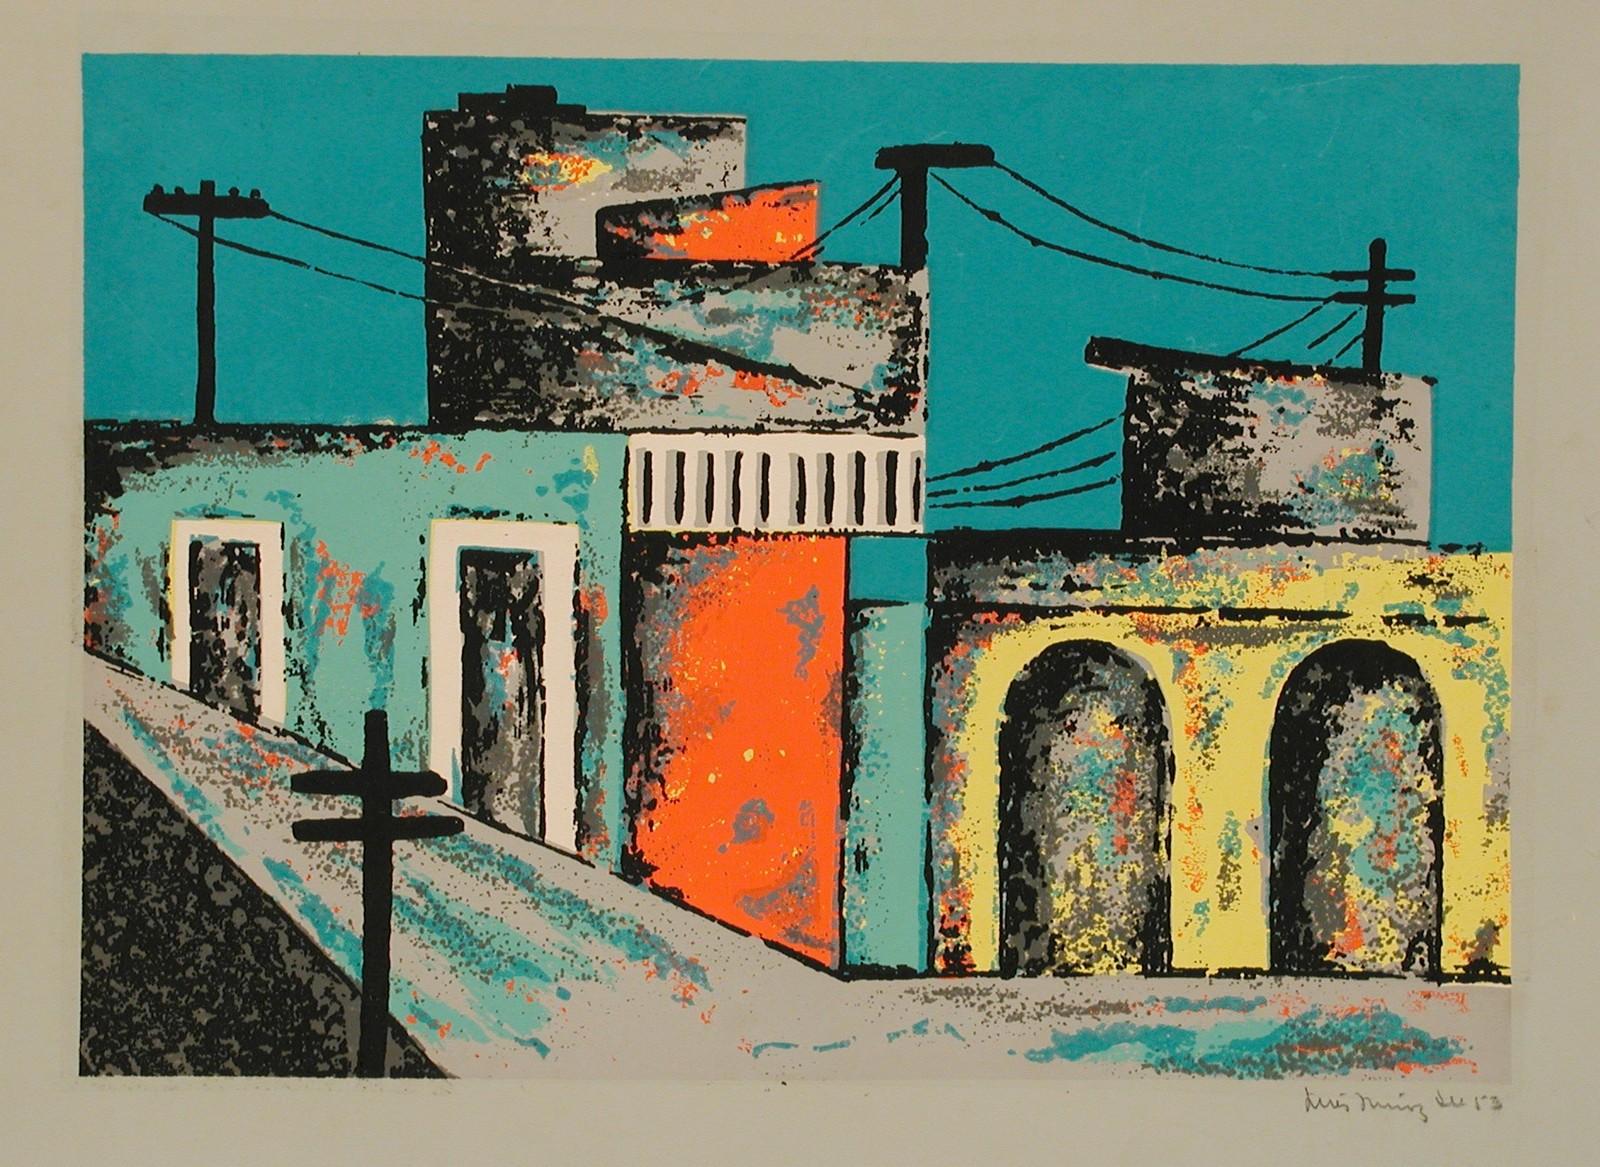 Sin título (portafolio Estampas de San Juan, Centro de Arte Puertorriqueño)